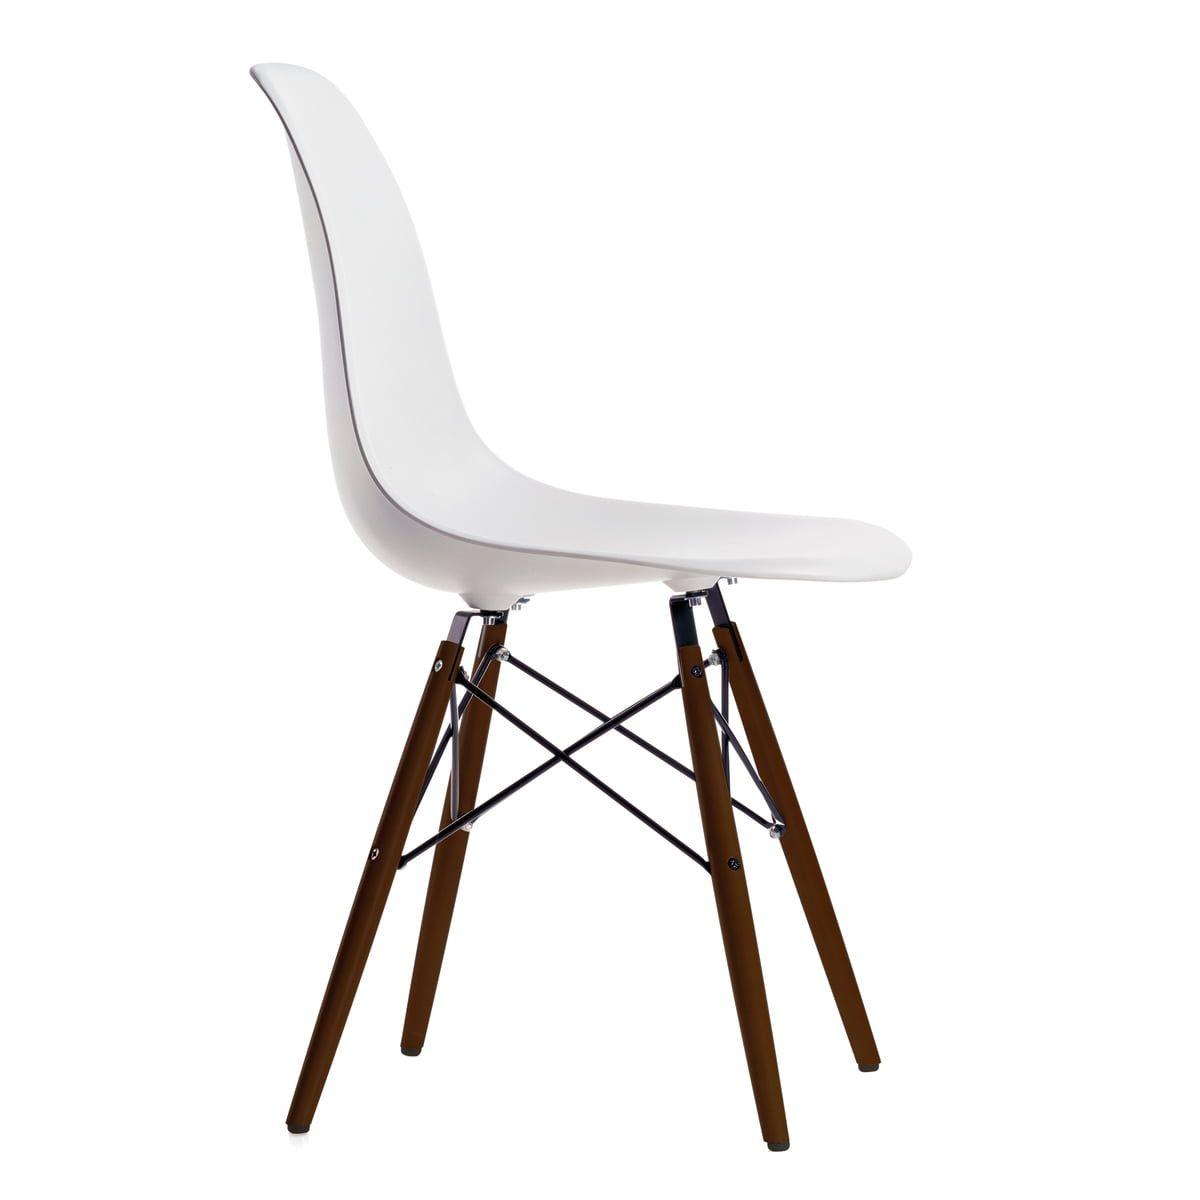 Vitra Eames Plastic Side Chair Dsw H 43 Cm Ahorn Dunkel Weiss Filzgleiter Schwarz Moebel Suchmaschine Ladendirekt De Eames Beistellstuhl Stuhle